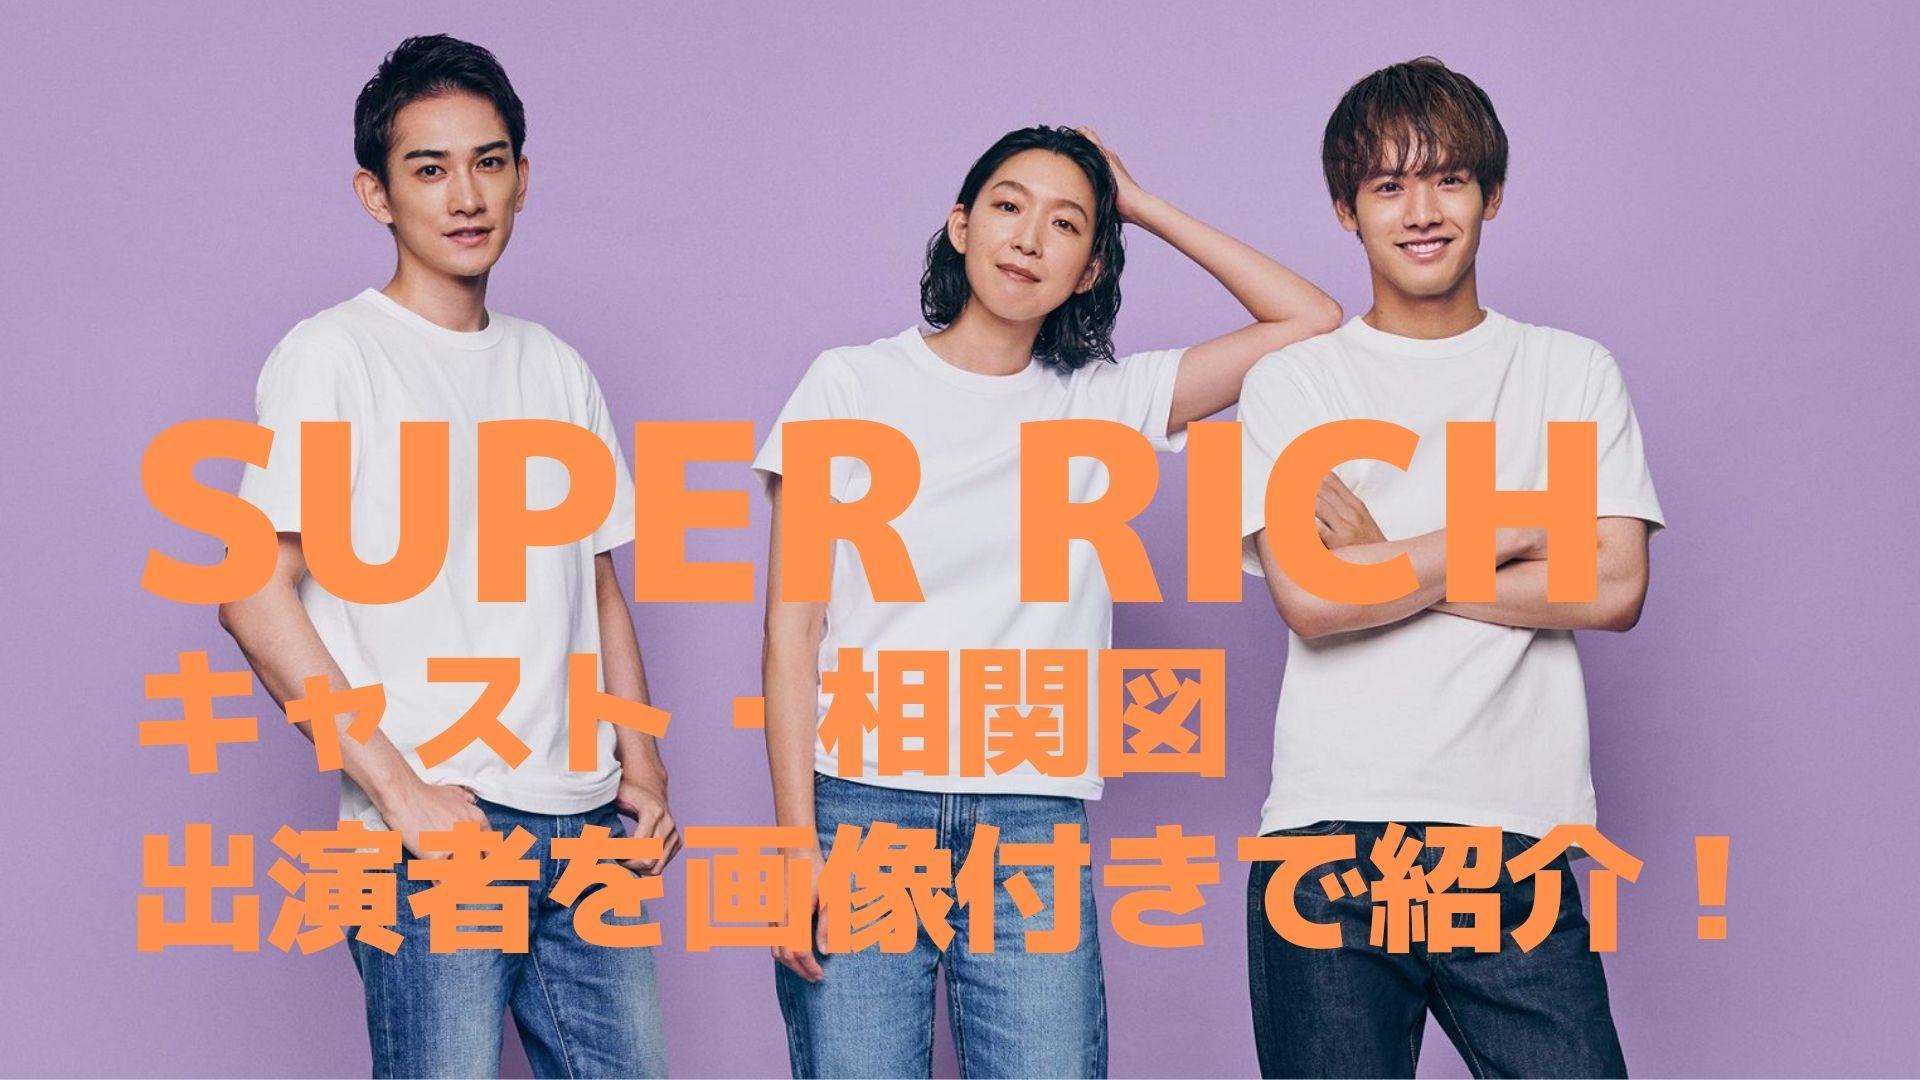 super-rich-drama-cast